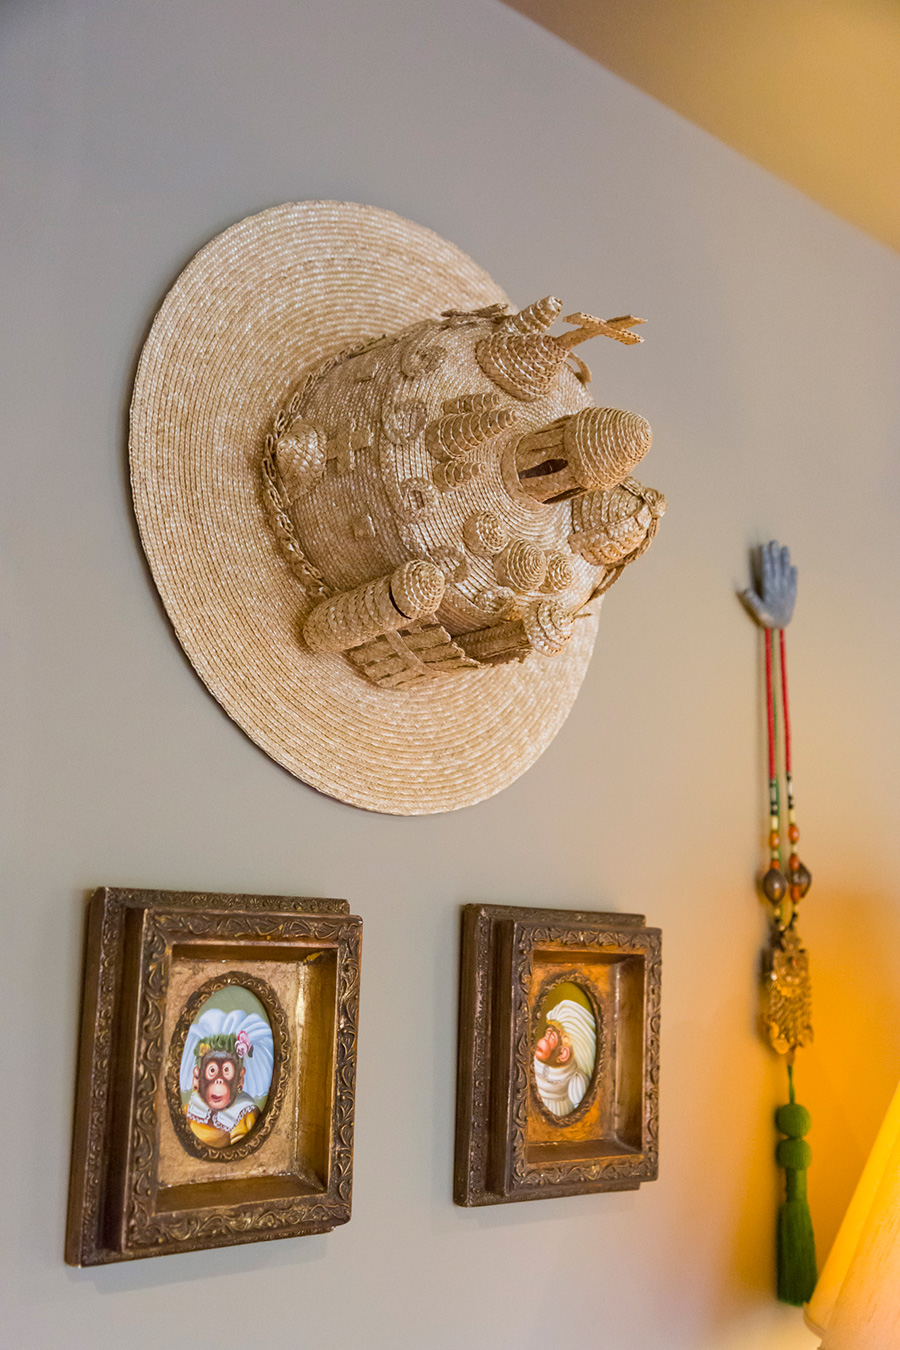 ヨーロッパの街並みを思わせるデザインの帽子を壁に。額の絵はこれまた猿モチーフ!